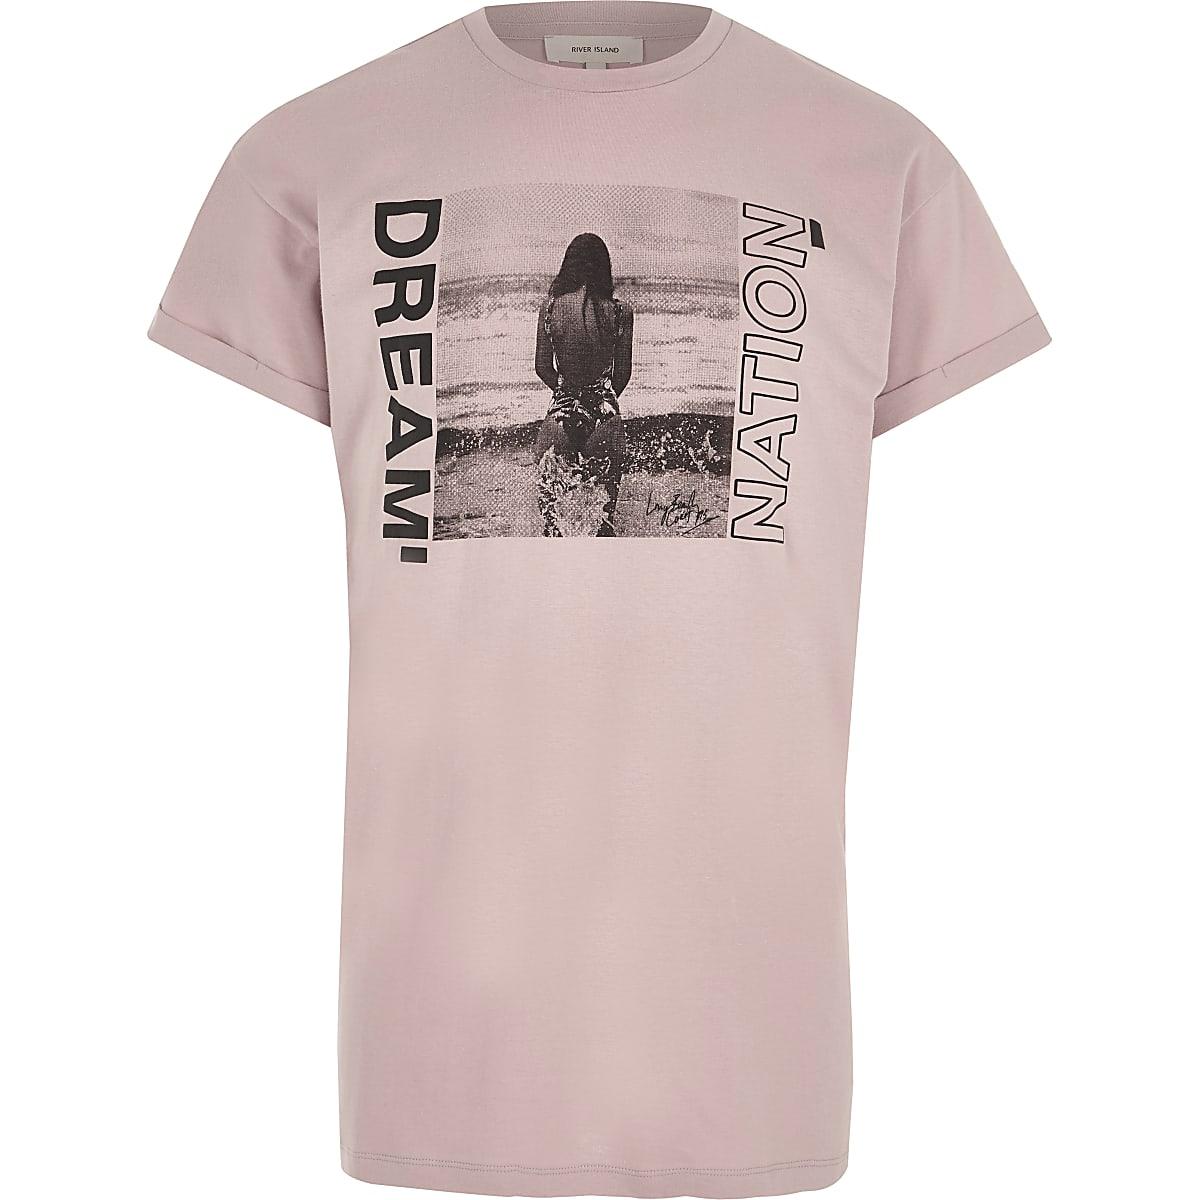 T-shirt imprimé photo «dream nation» rose